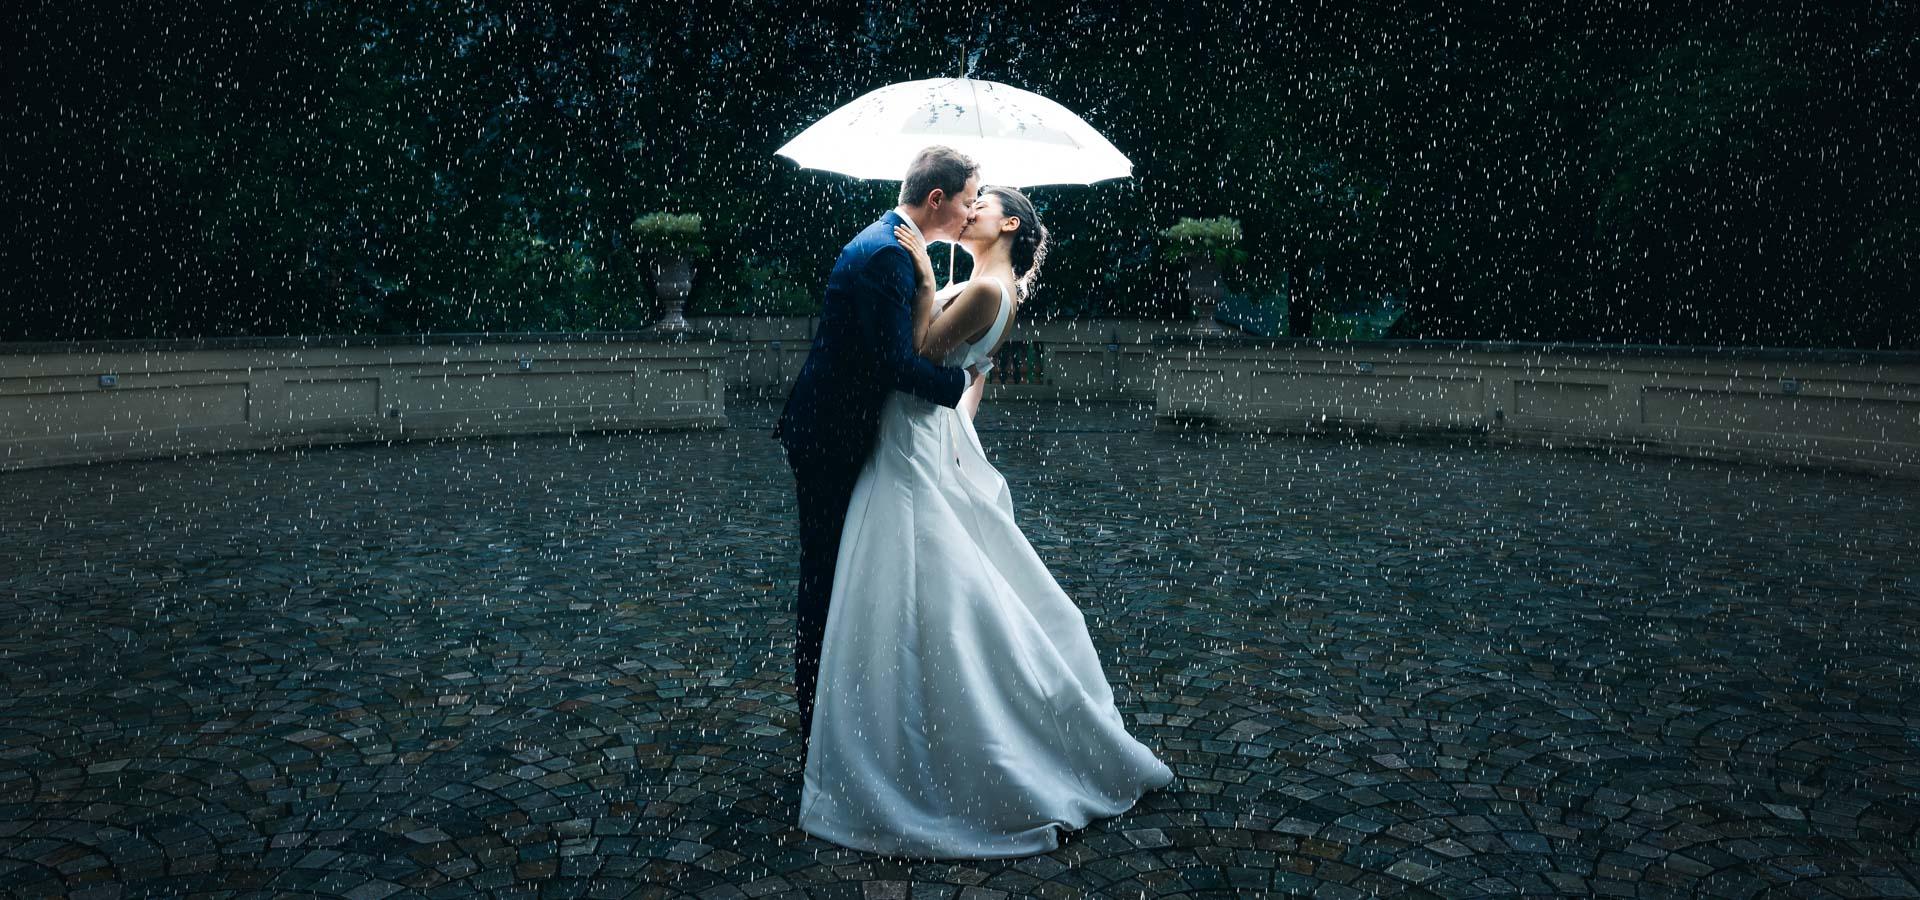 passione-sotto-la-pioggia-per-gianluca-e-lucia